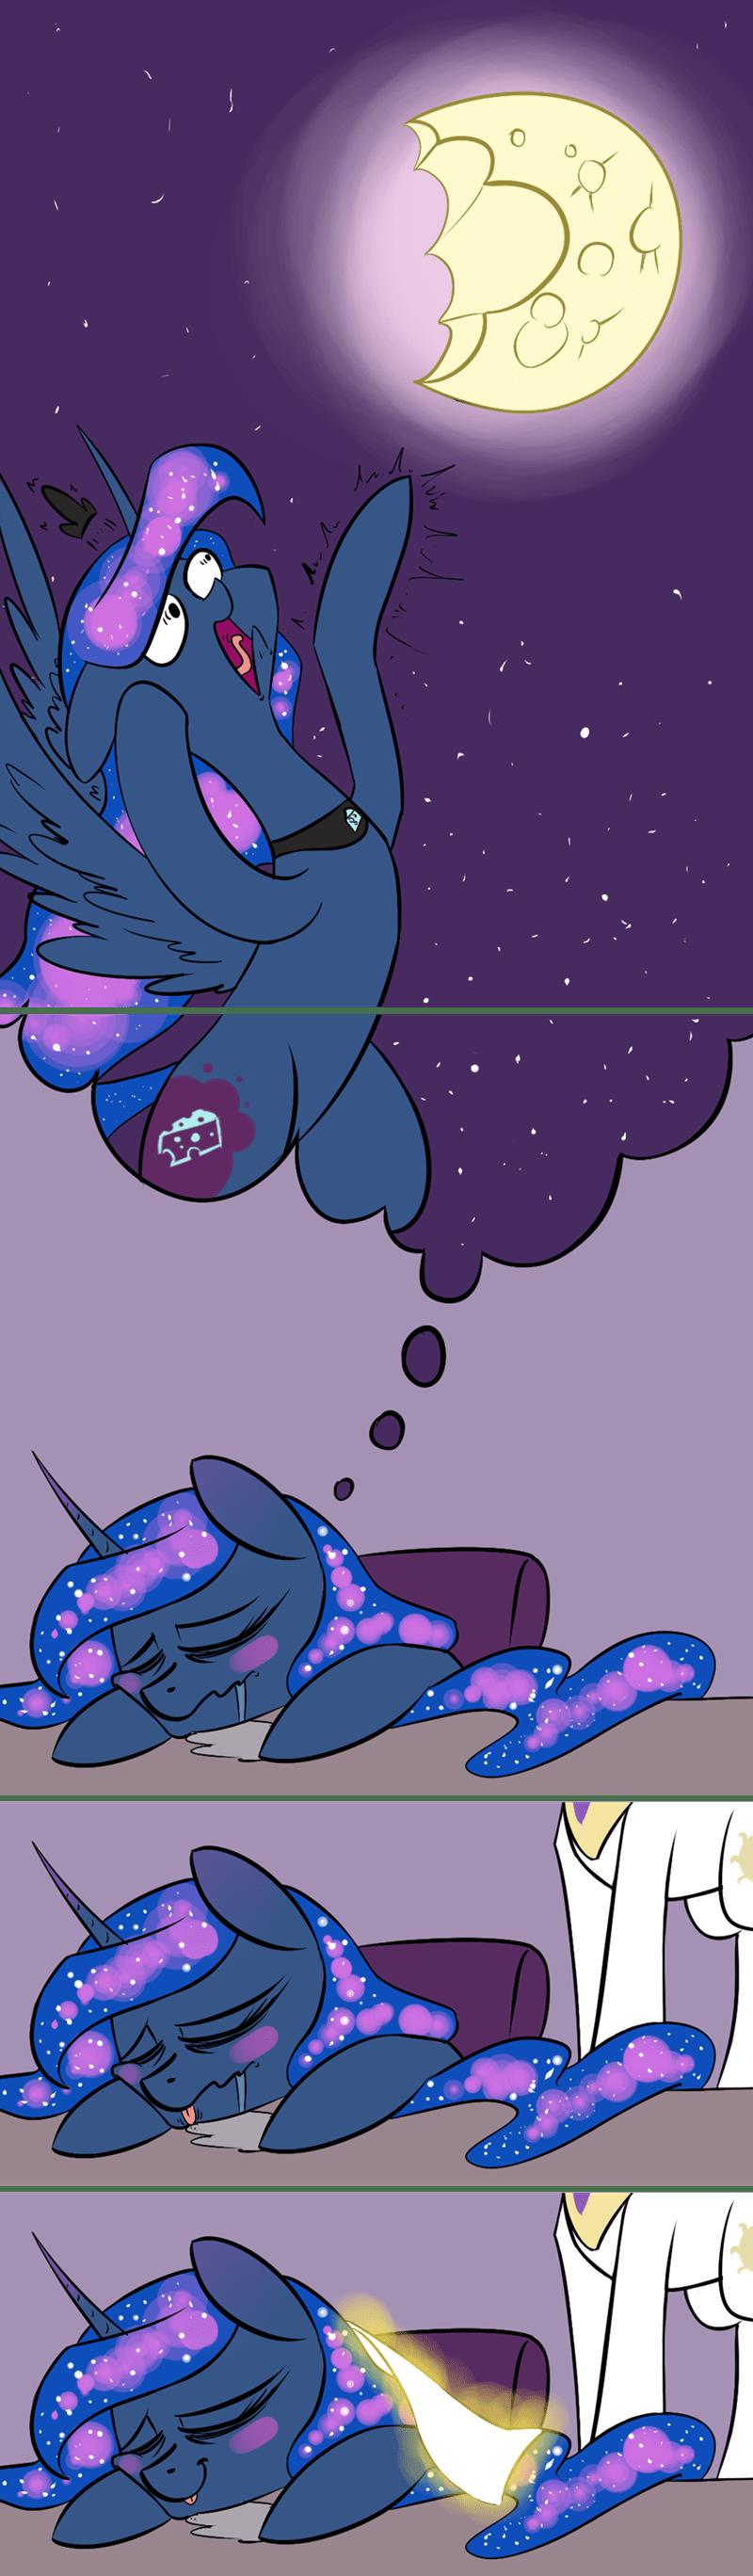 princess luna princess celestia - 8585267968